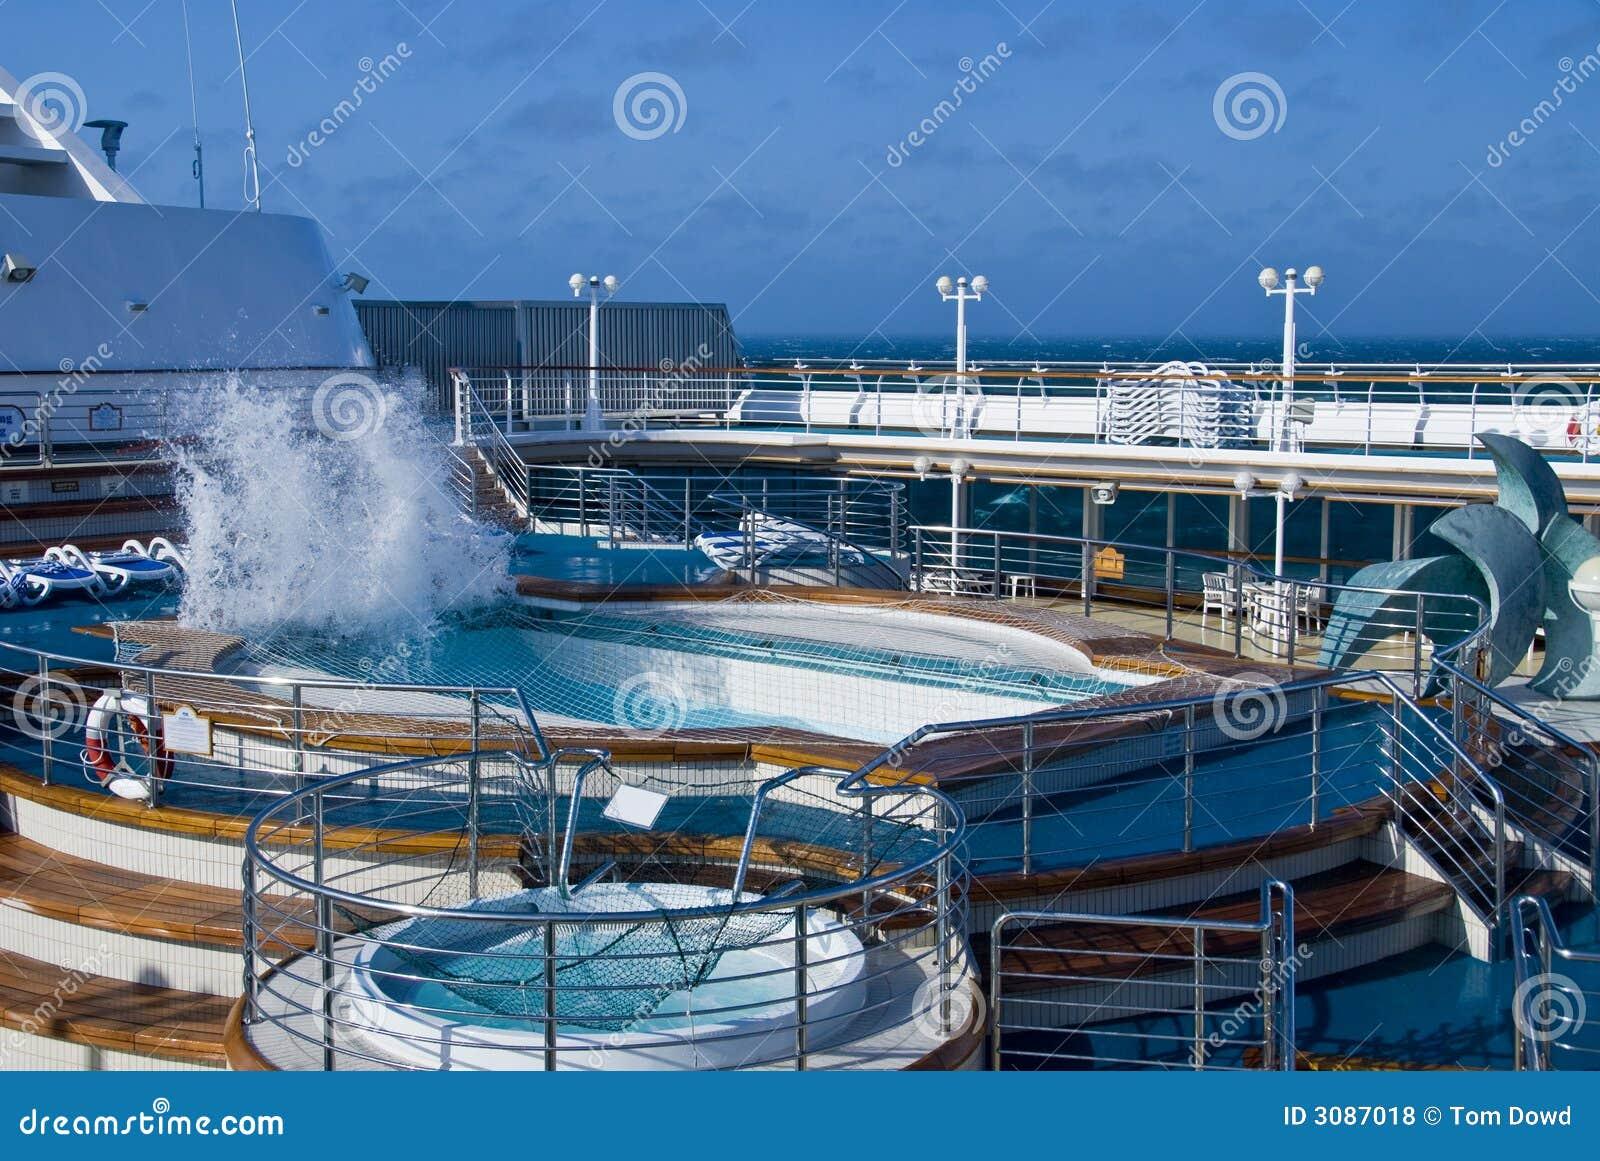 Cruise Ship Pool Wave Stock Photo Image Of Ship Cruise 3087018